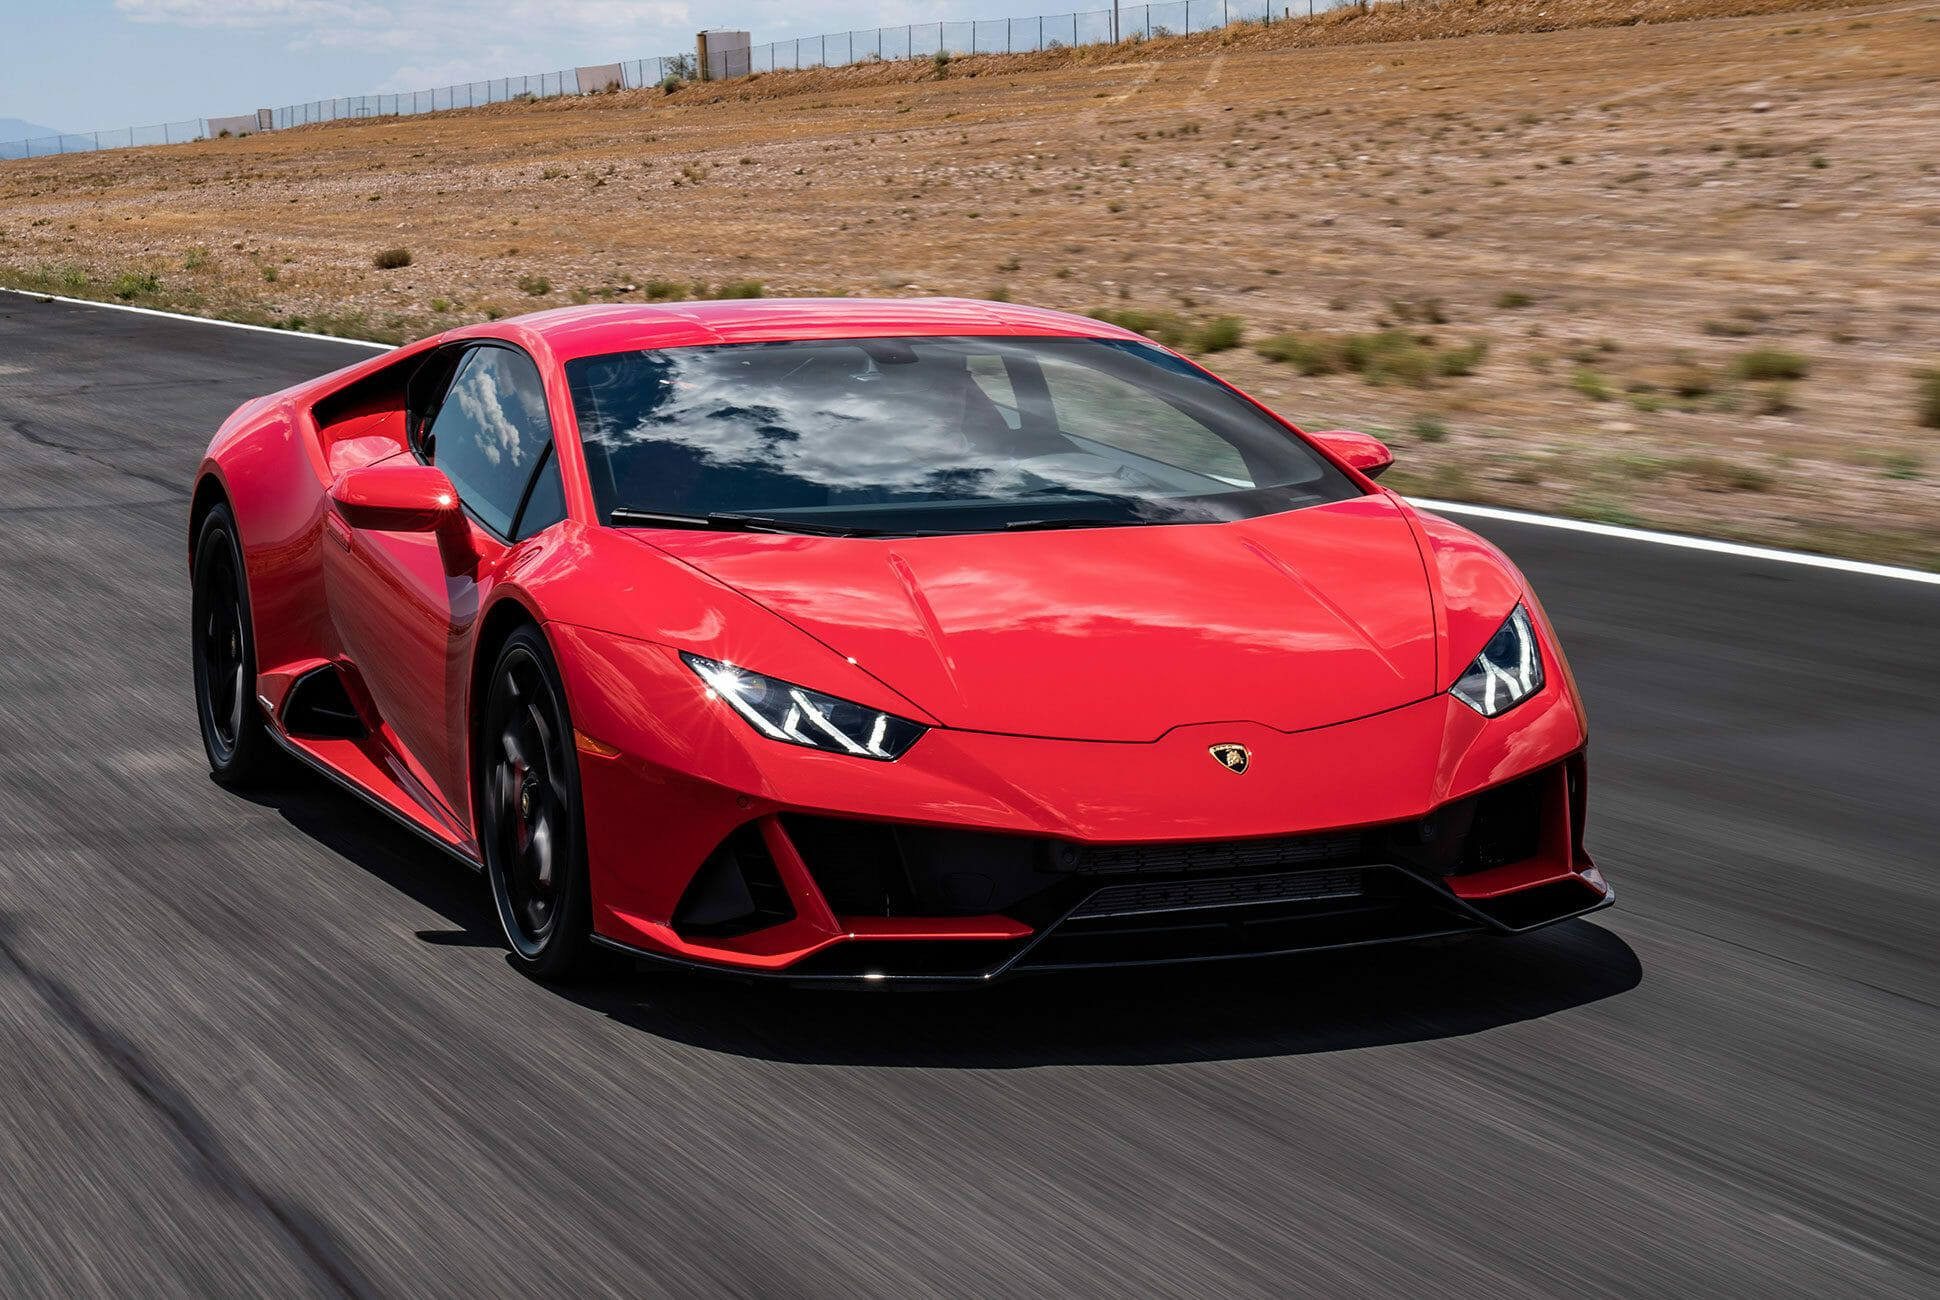 2020-Lamborghini-Huracan-EVO-Review-gear-patrol-slide-4